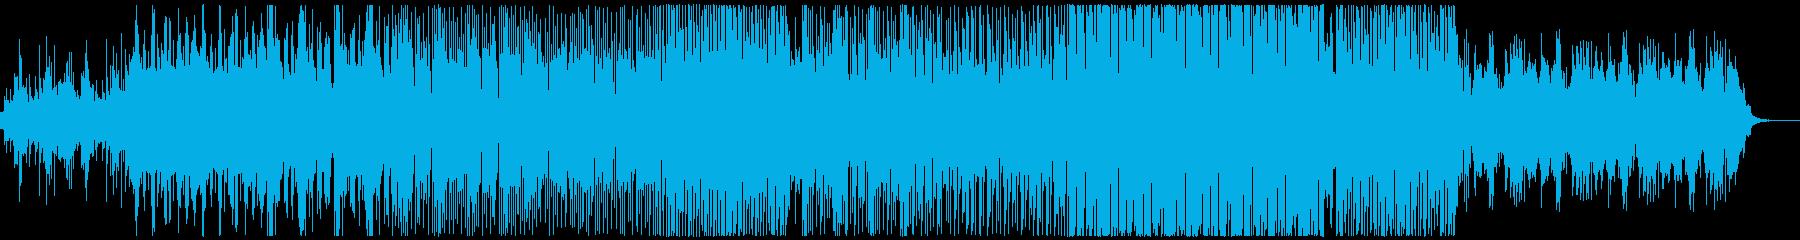 EDM風ハロウィーンパーティーの再生済みの波形